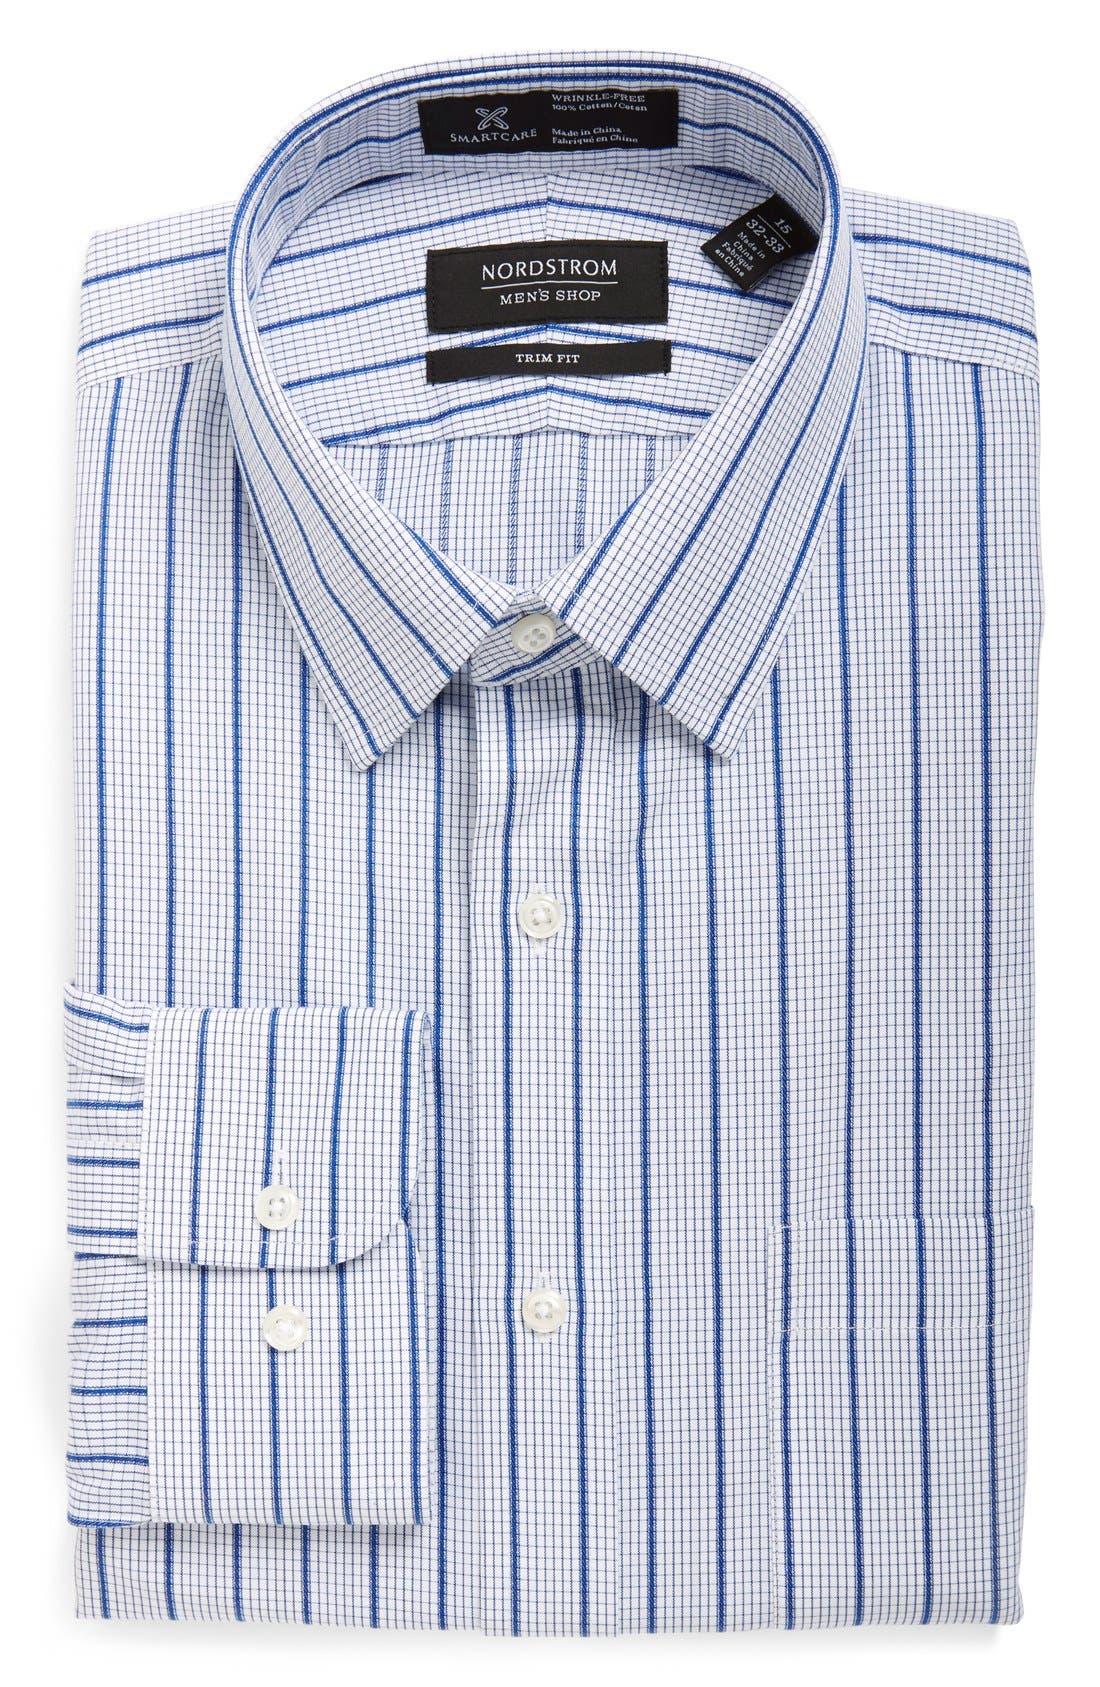 NORDSTROM MEN'S SHOP Smartcare™ Trim Fit Check Dress